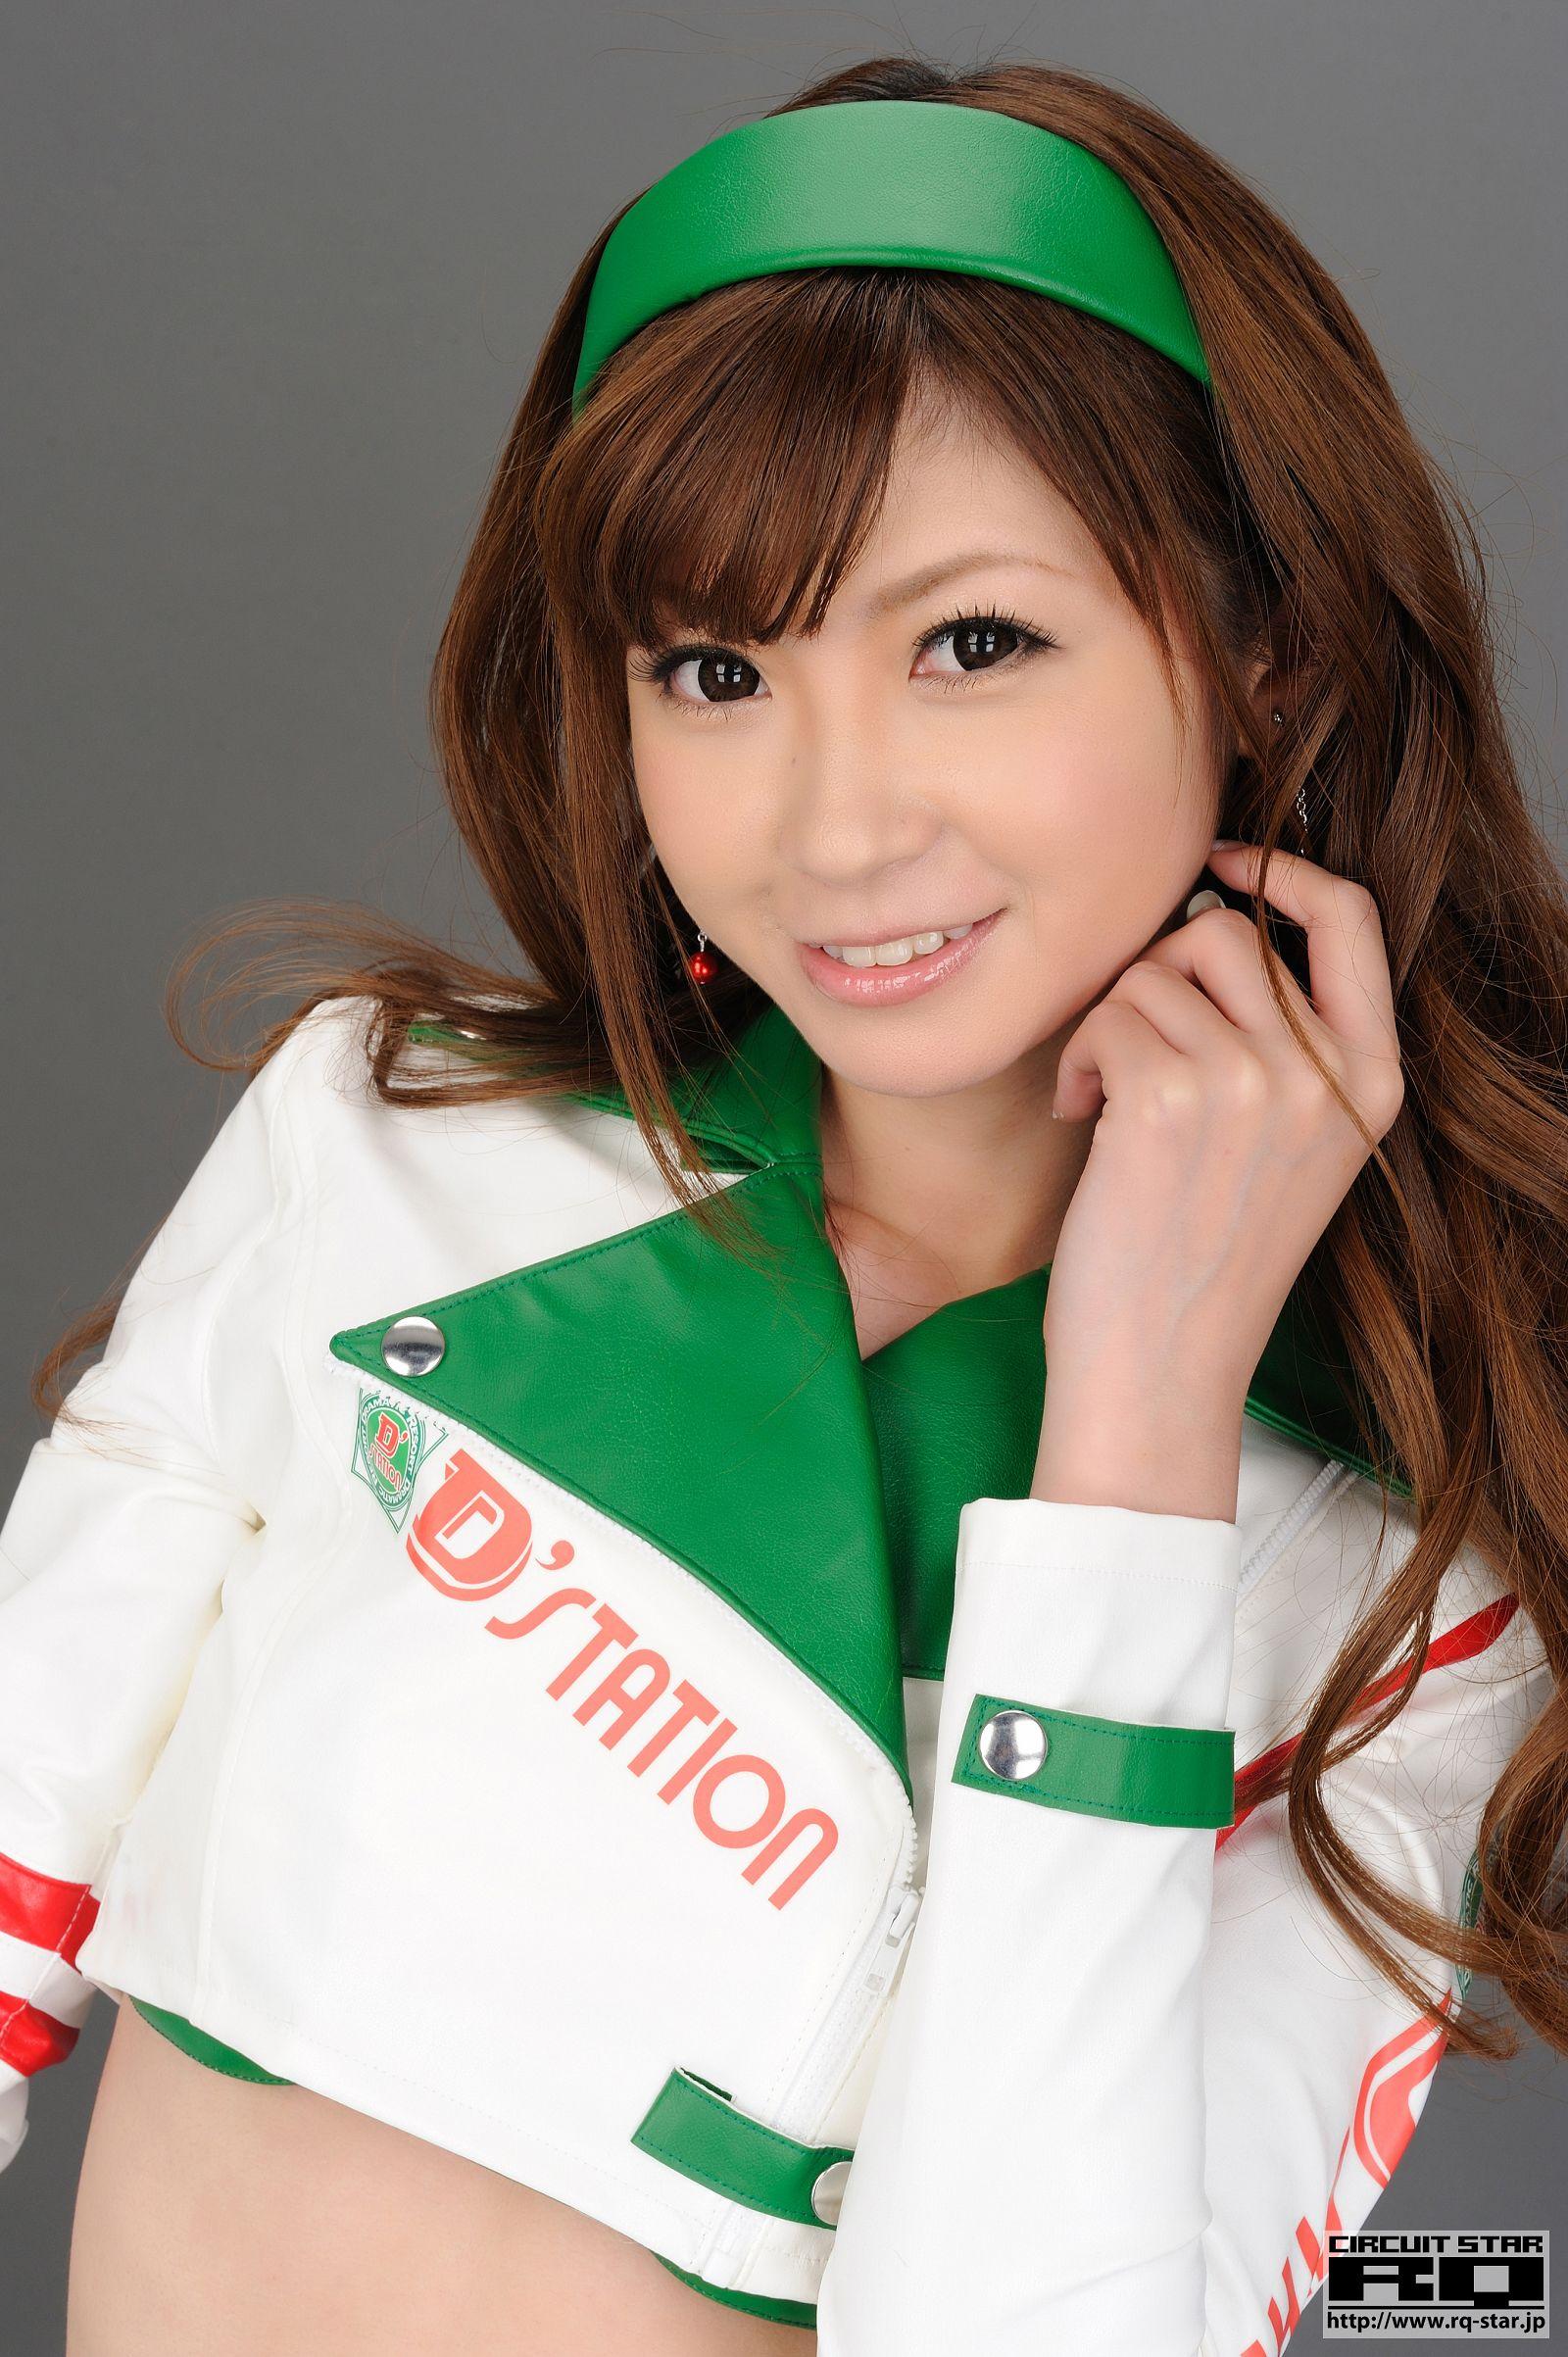 [RQ STAR美女] NO.01094 Airi Sasaki 佐崎愛里 Race Queen[105P] RQ STAR 第4张